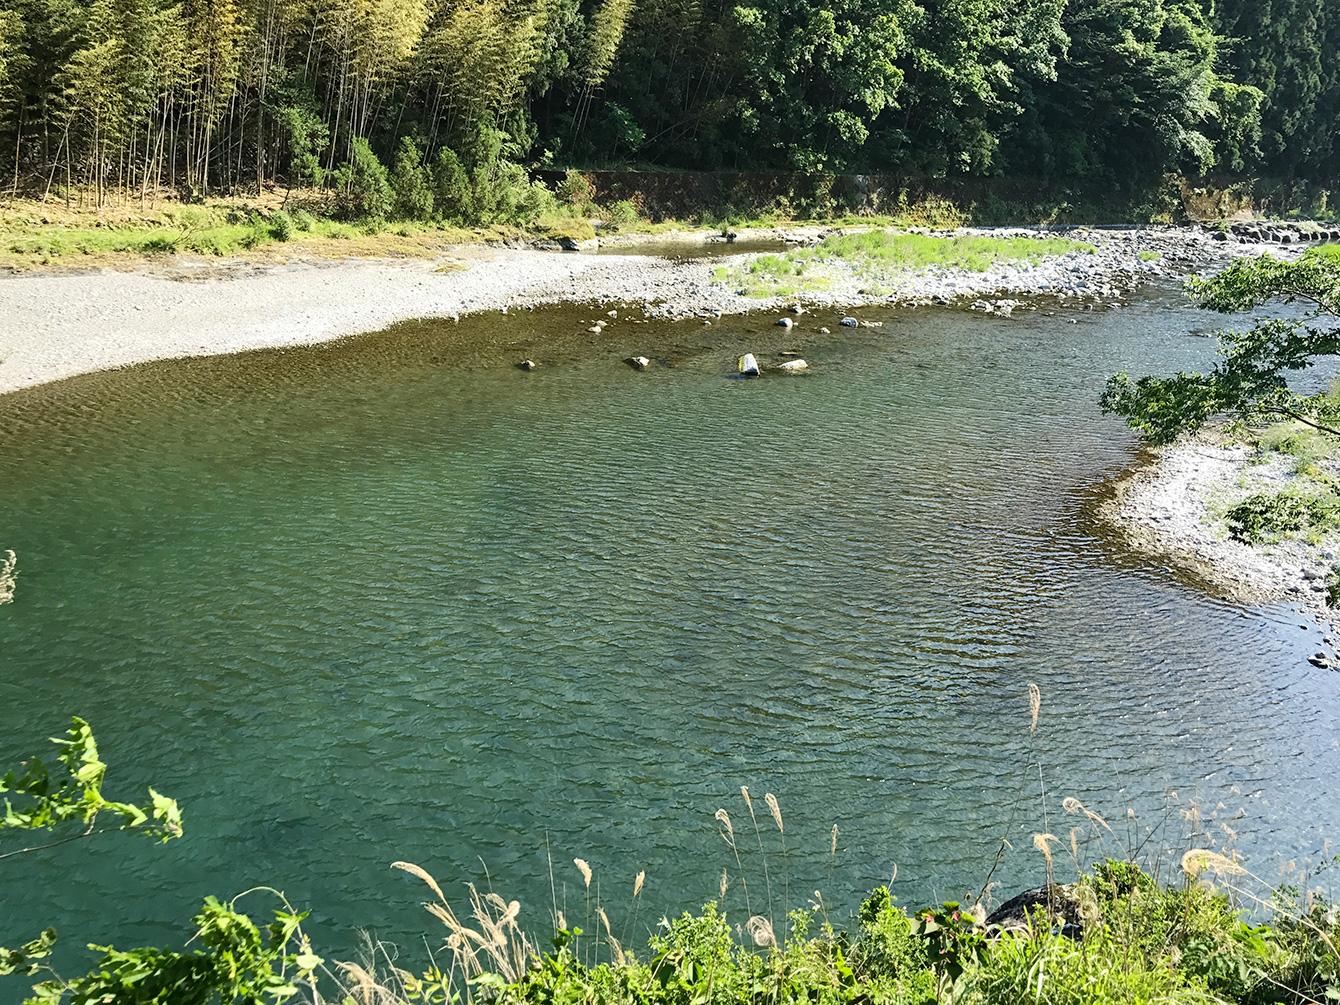 エメラルドブルーの美しい鮎喰川(あくいがわ)。